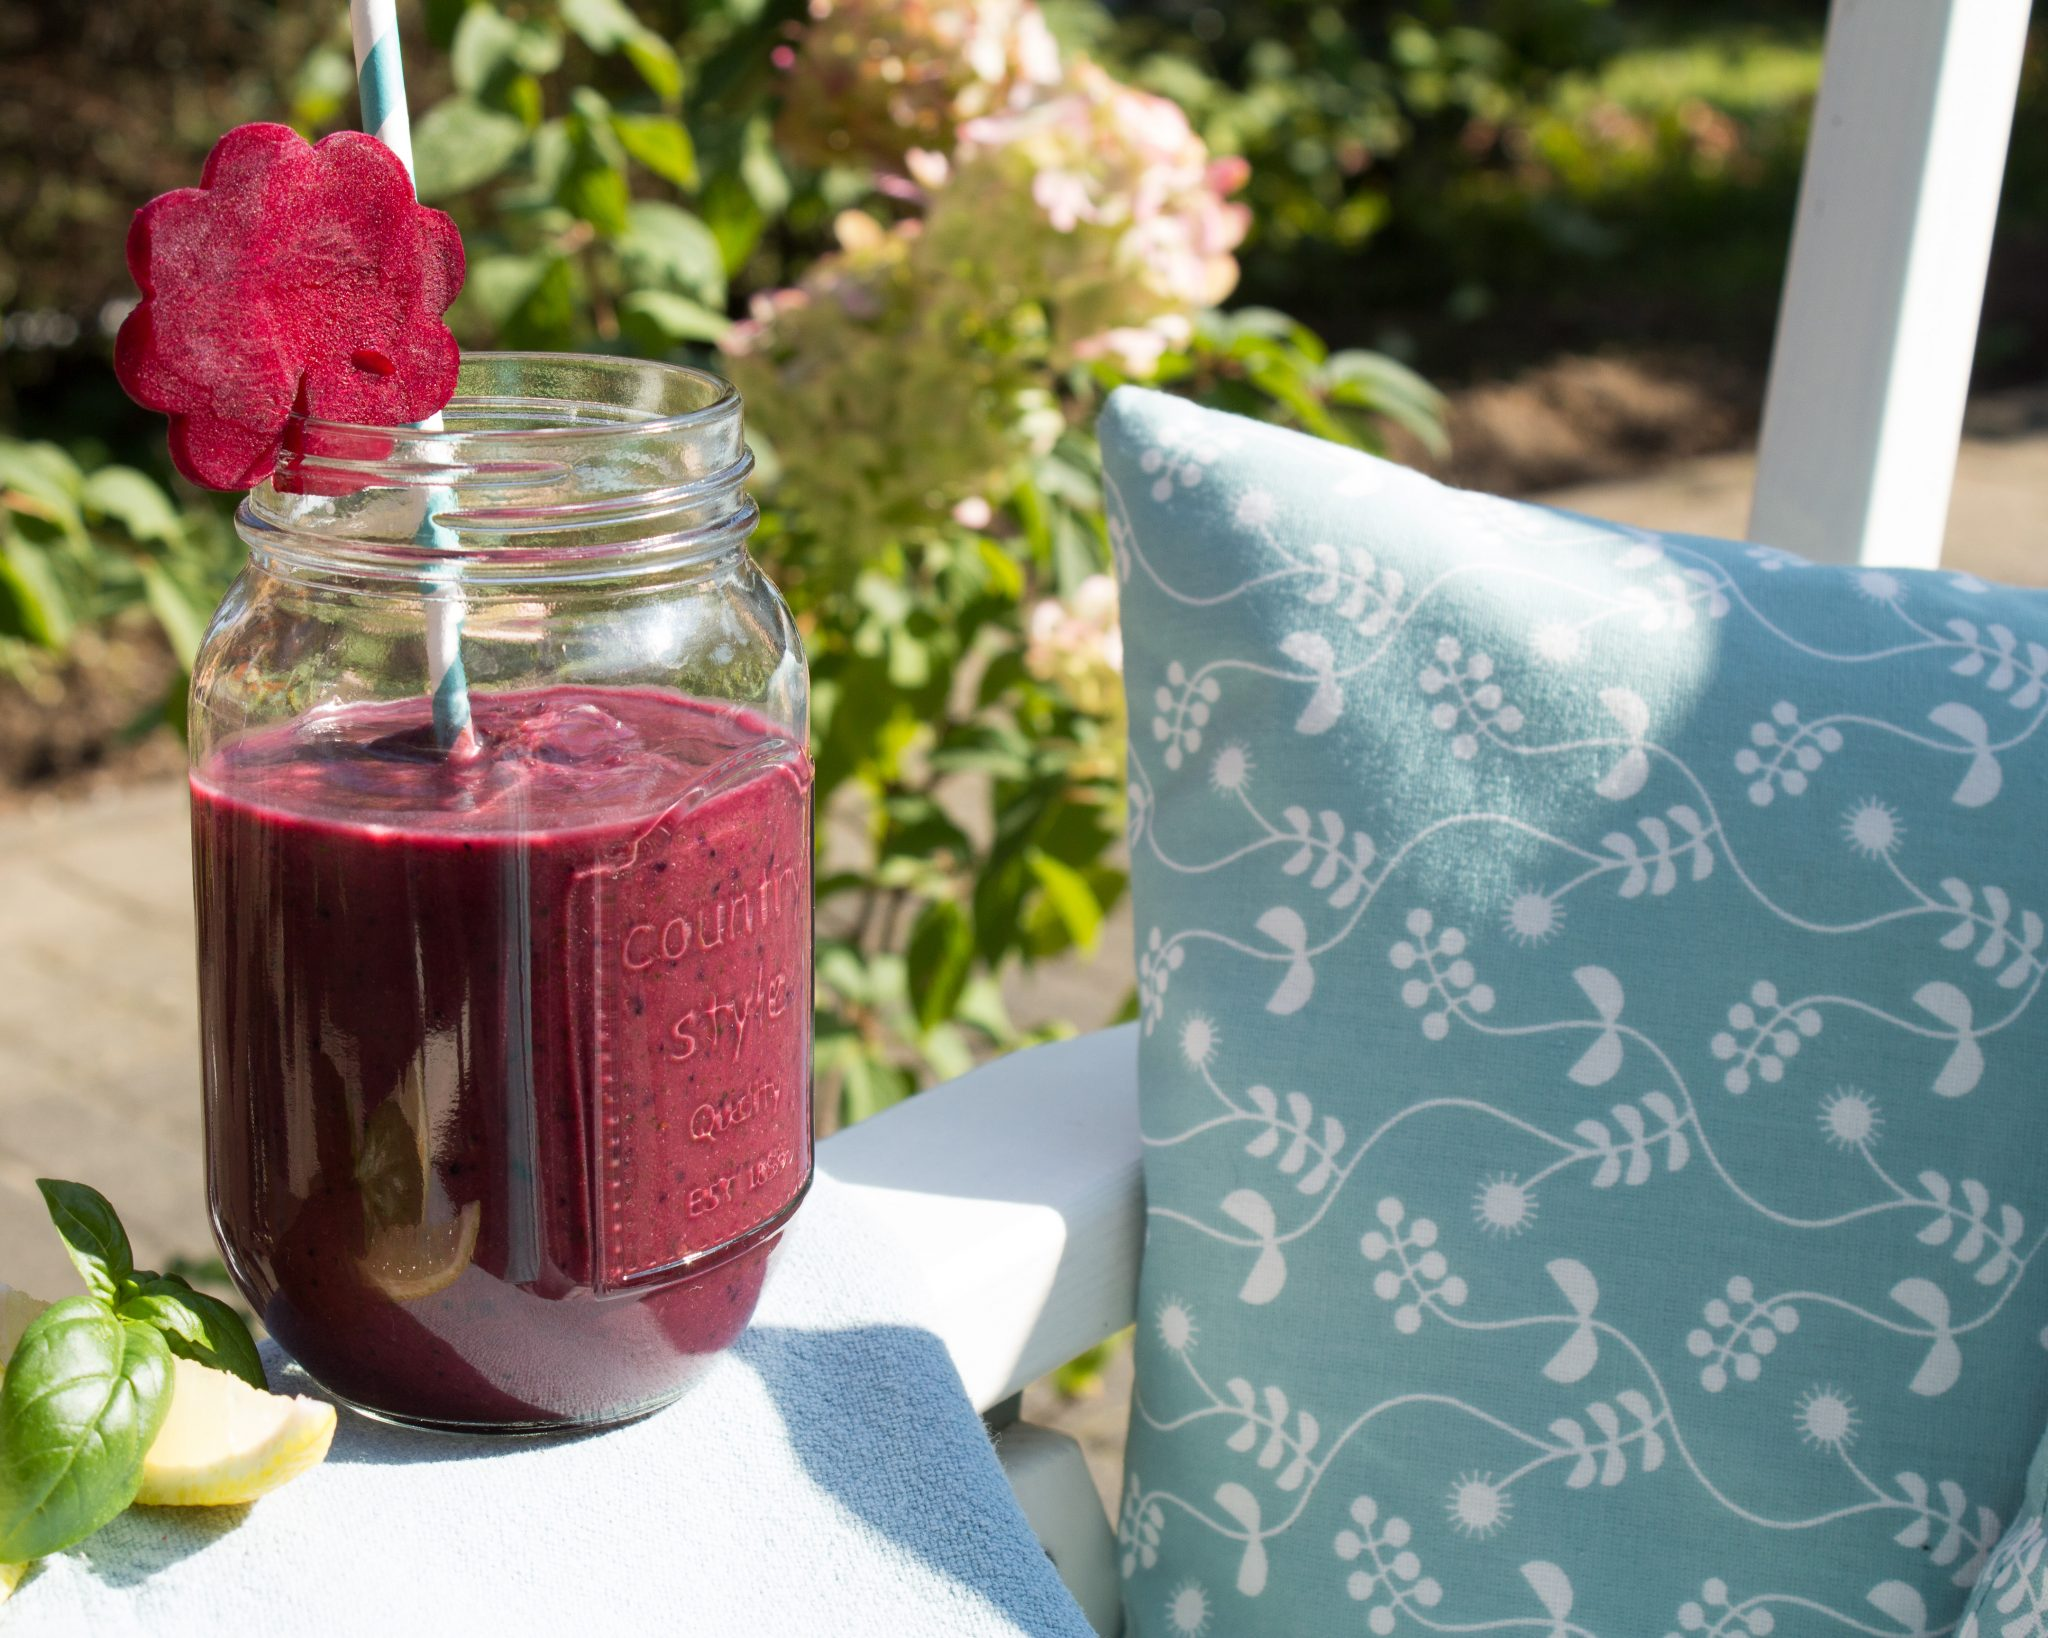 Rote Bete Smoothie in einem Glas mit Strohhalm